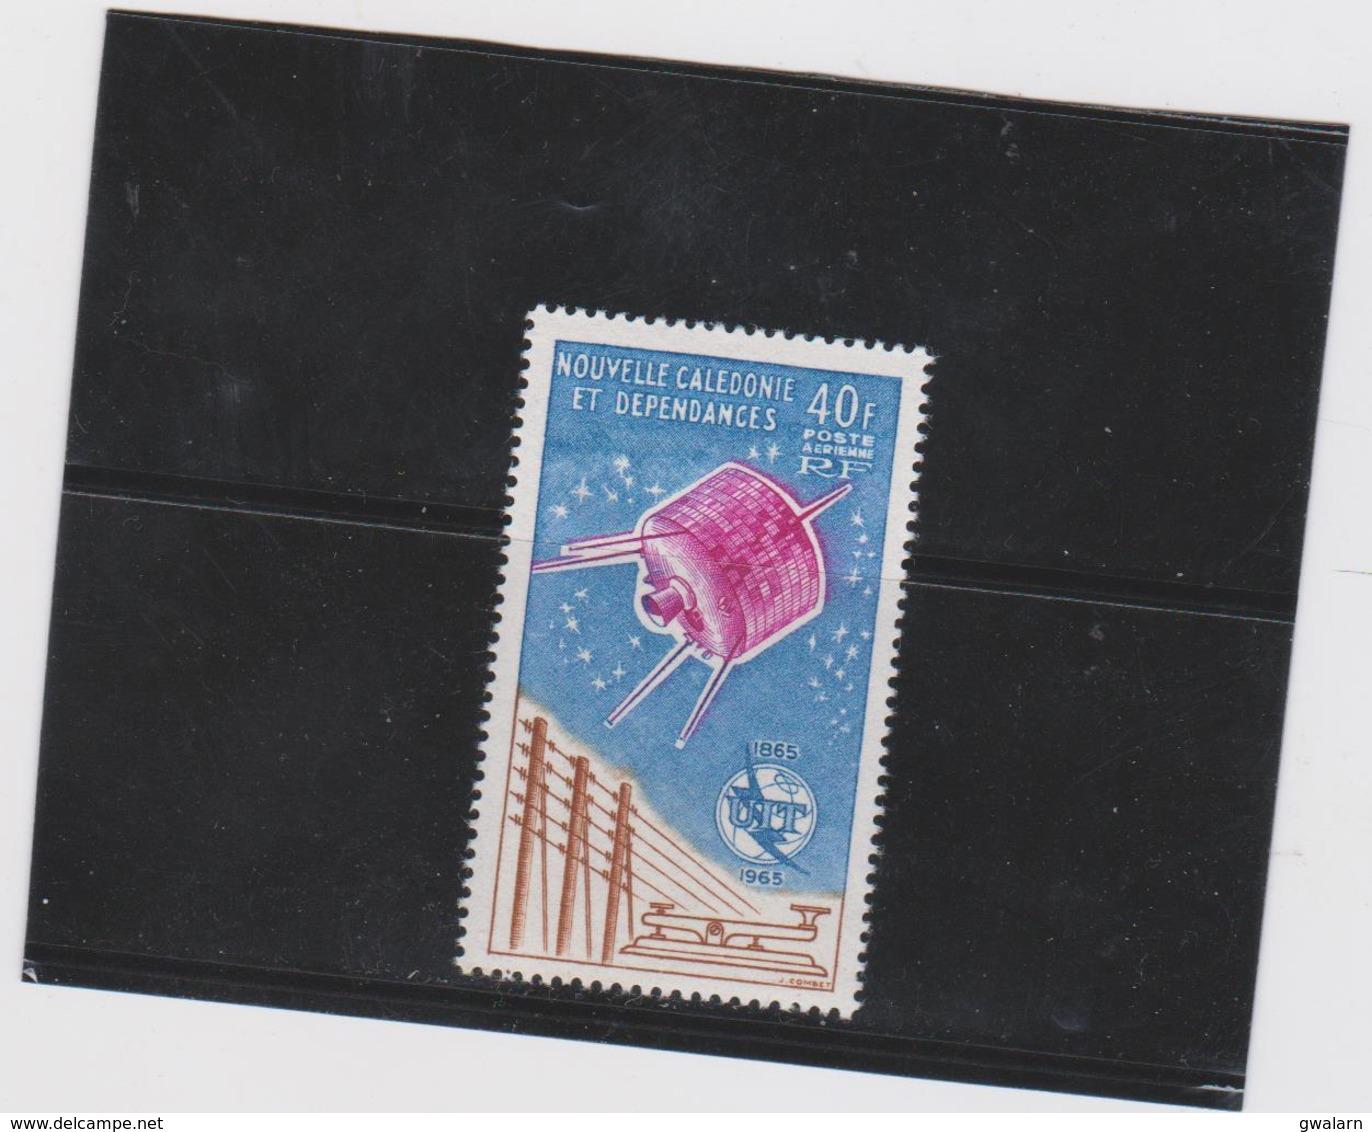 NOUVELLE CALEDONIE 1 T Poste Aérienne Neuf Xx  N°YT PA 80 - 1965 - Poste Aérienne